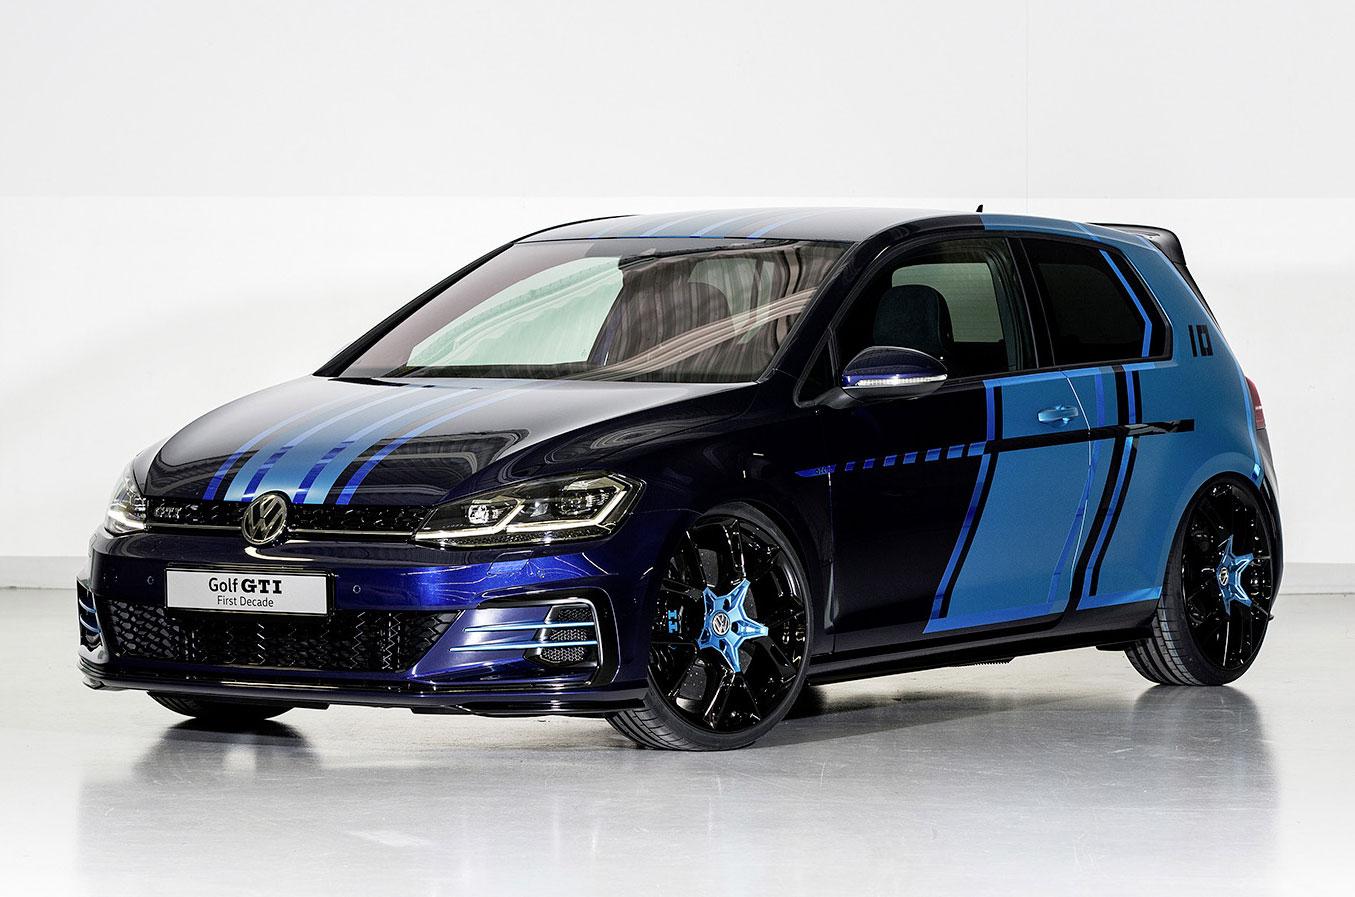 Volkswagen представляет гибридную концепцию Golf 396 л.с.